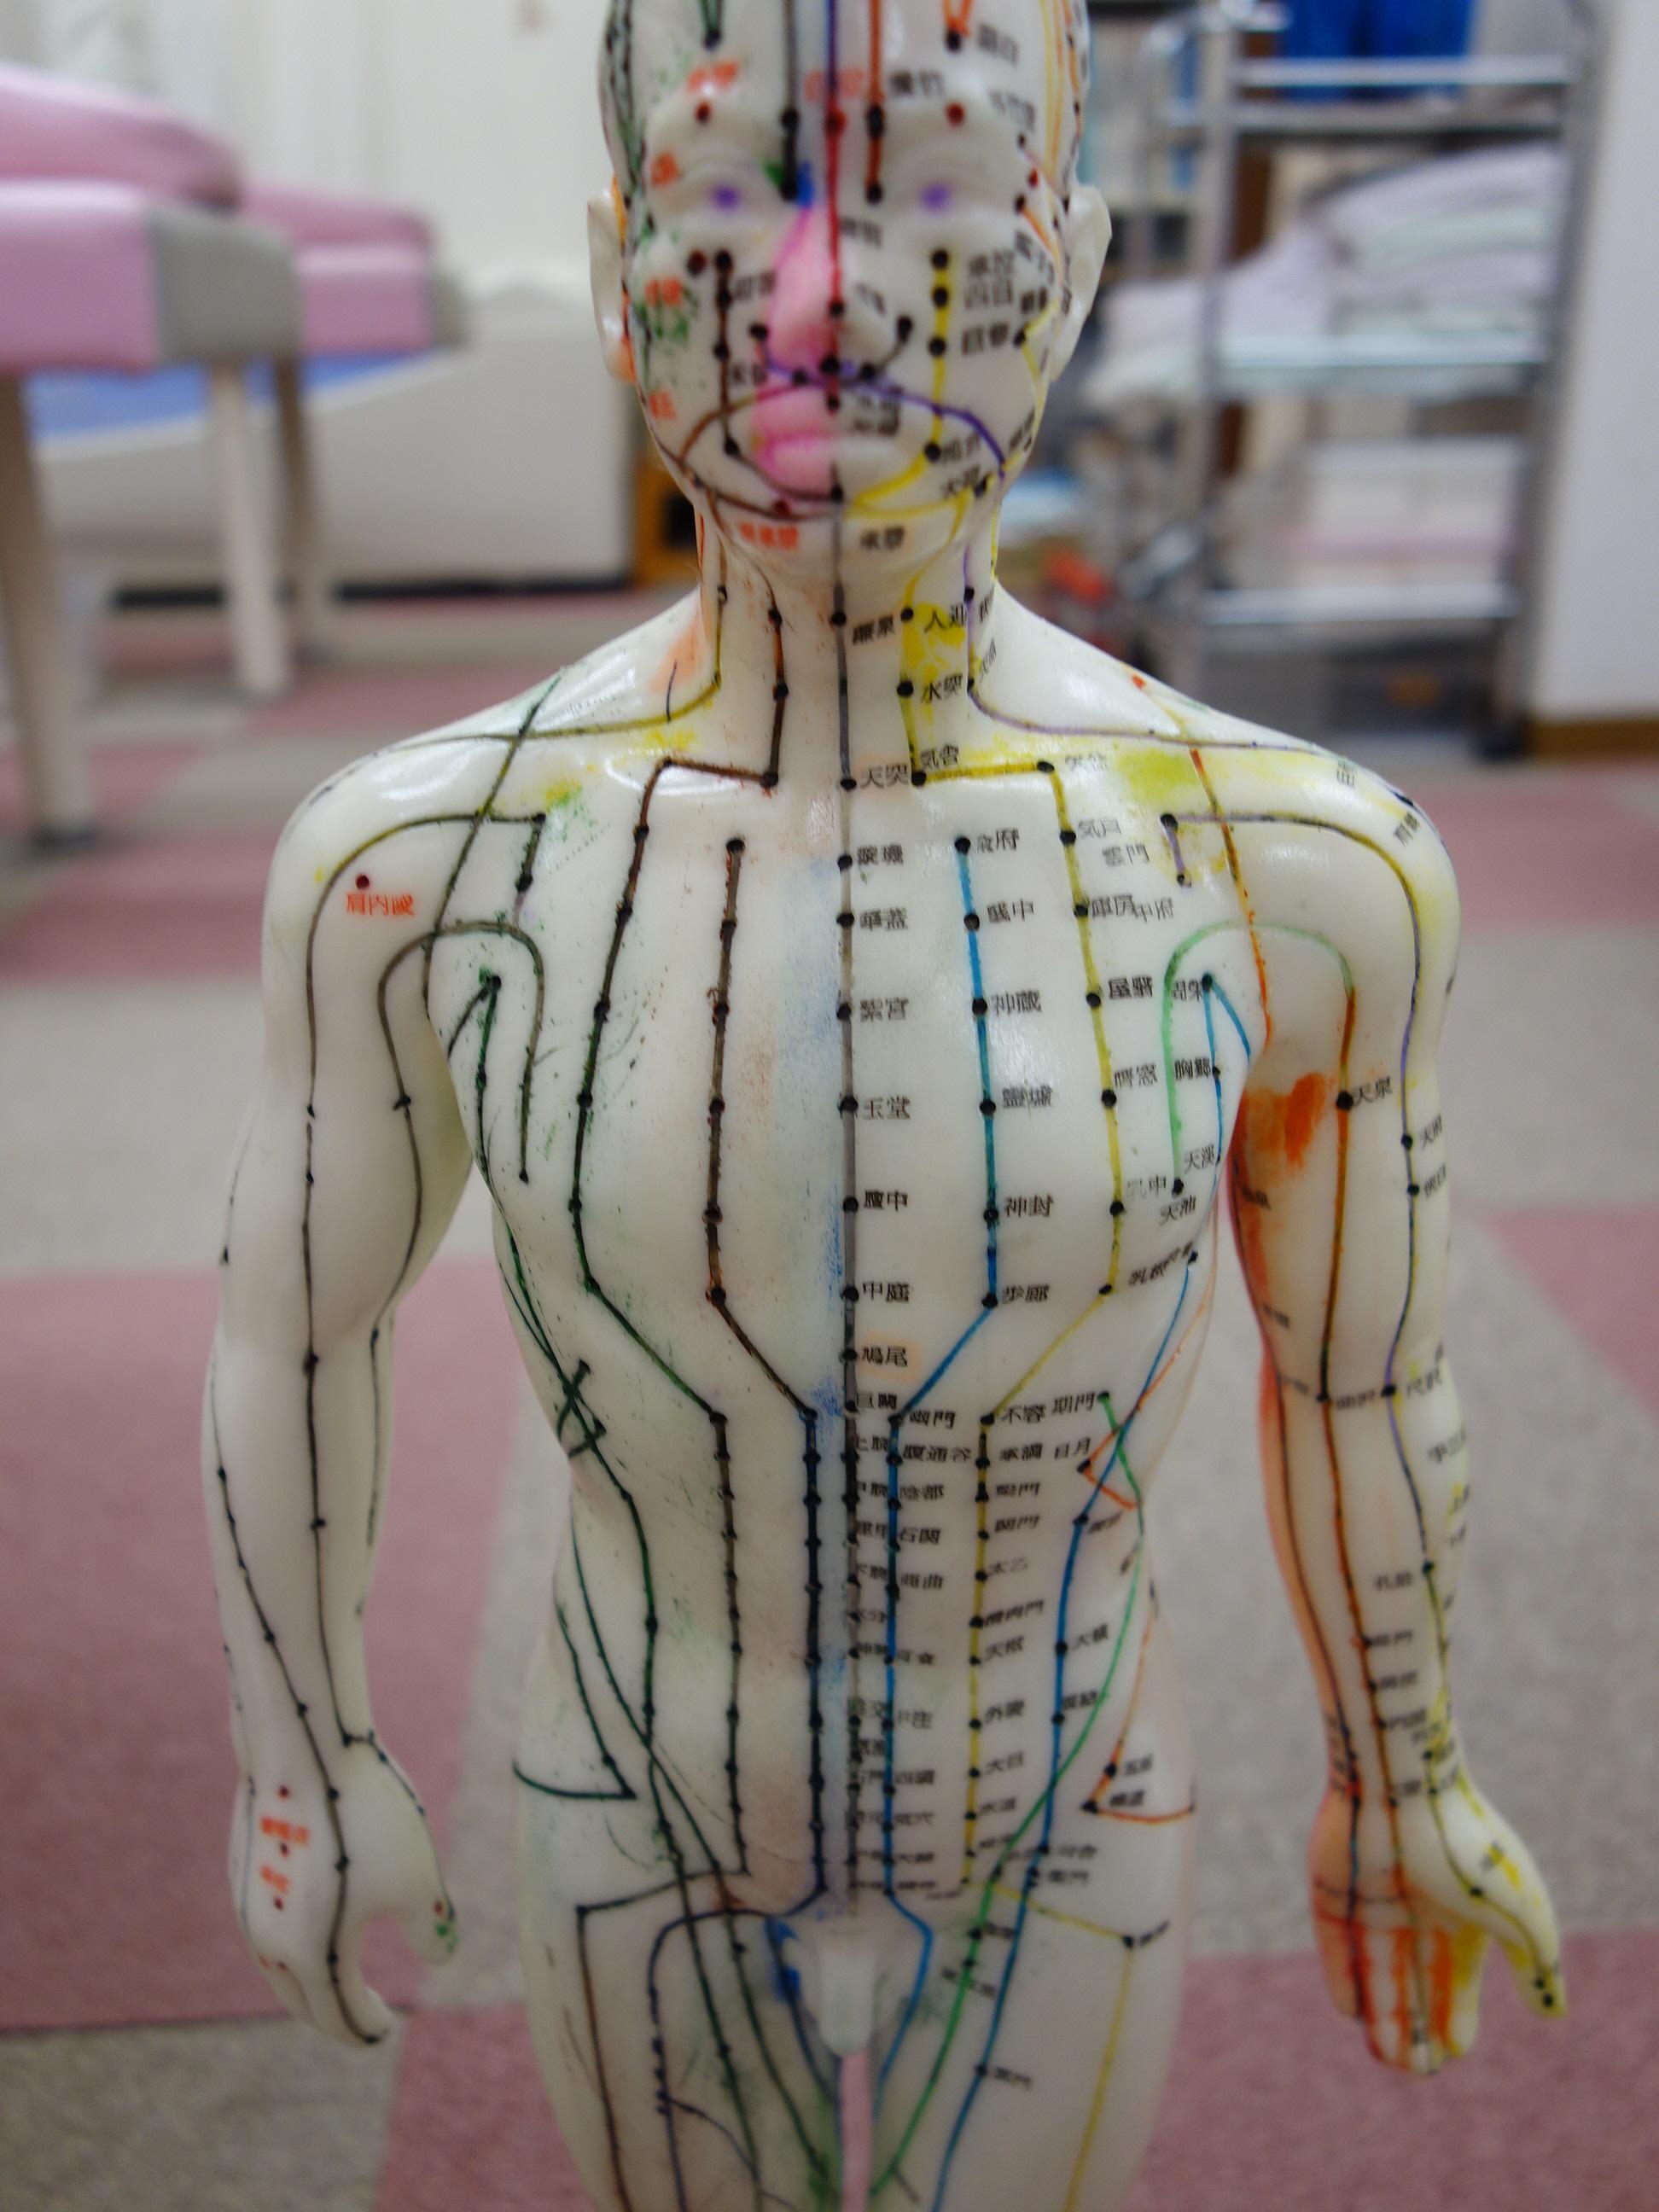 遠絡(えんらく)療法の基本となる経絡人形の写真